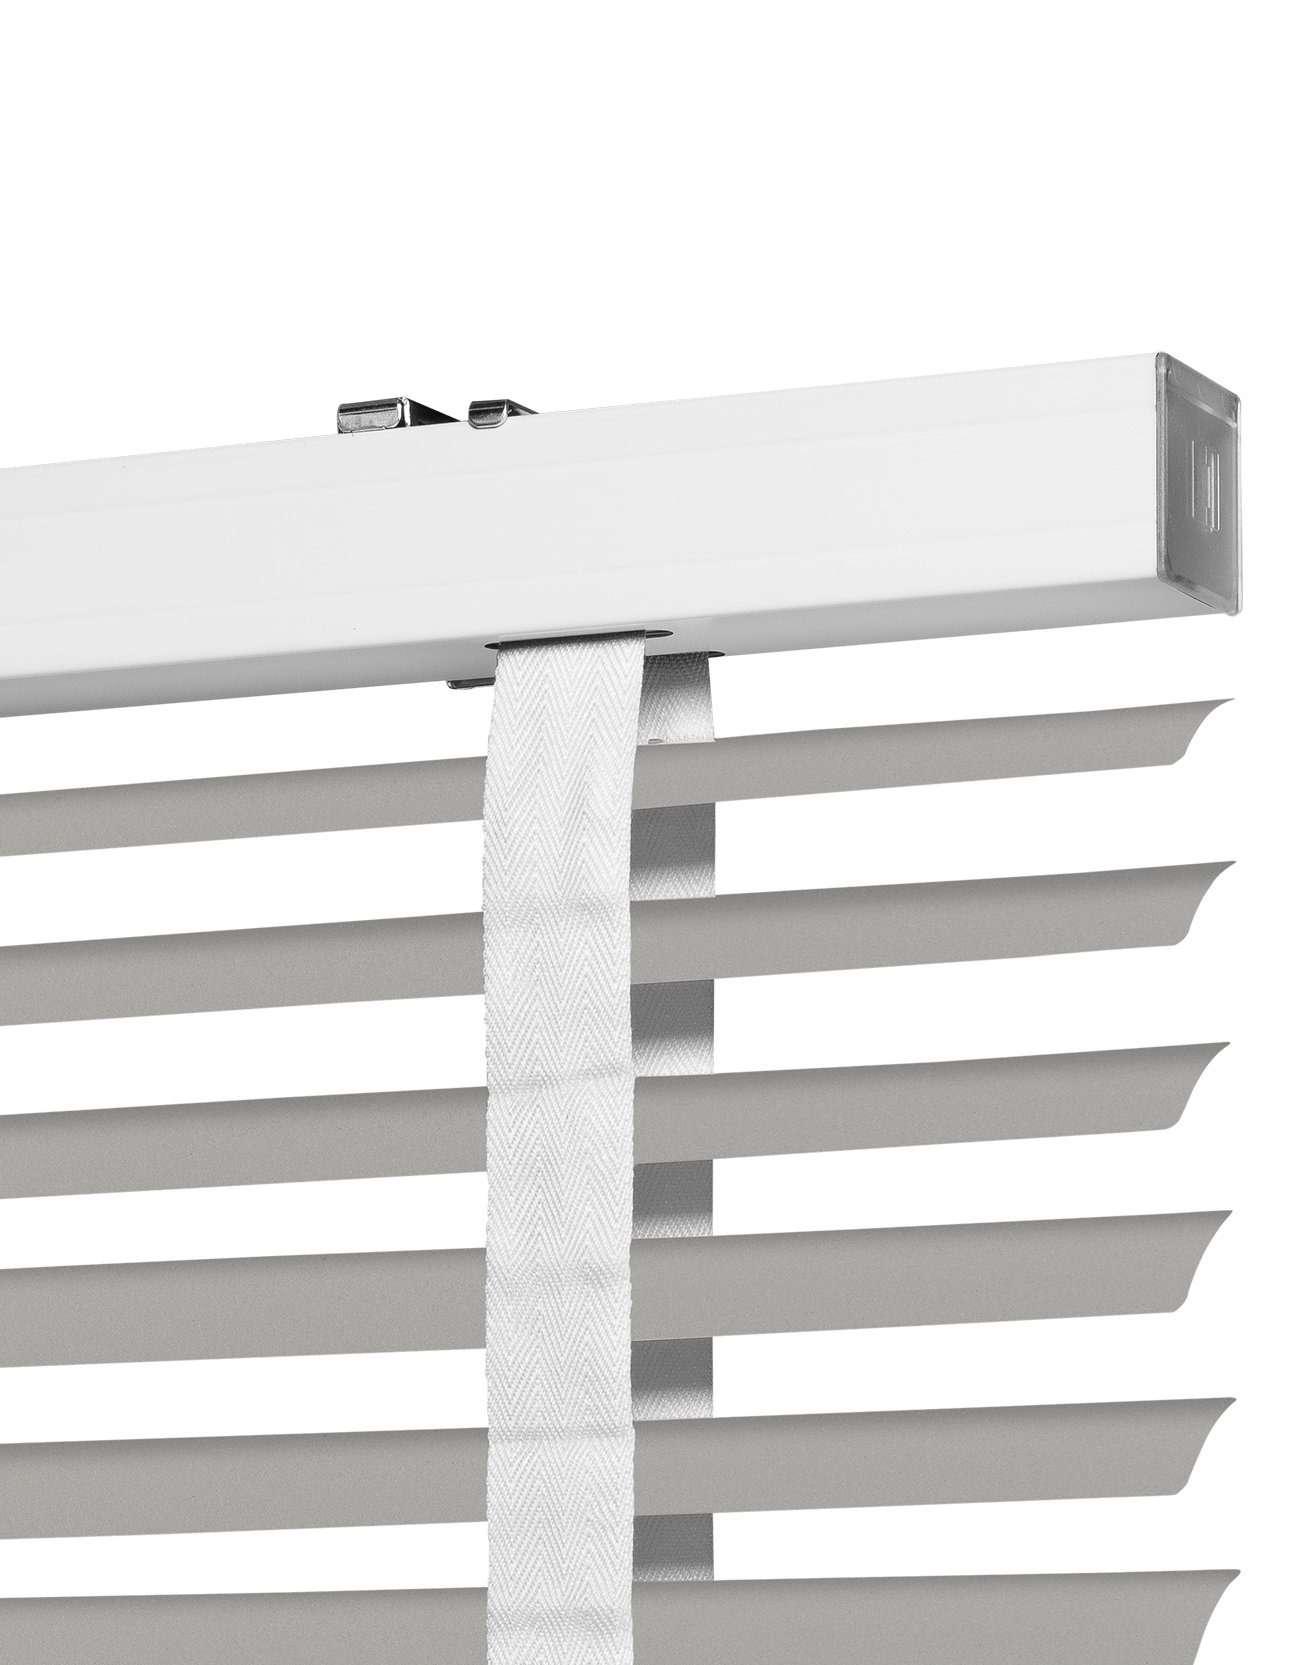 Nimbus Suede Aluminium Jaloezie 50 mm Uitsnede